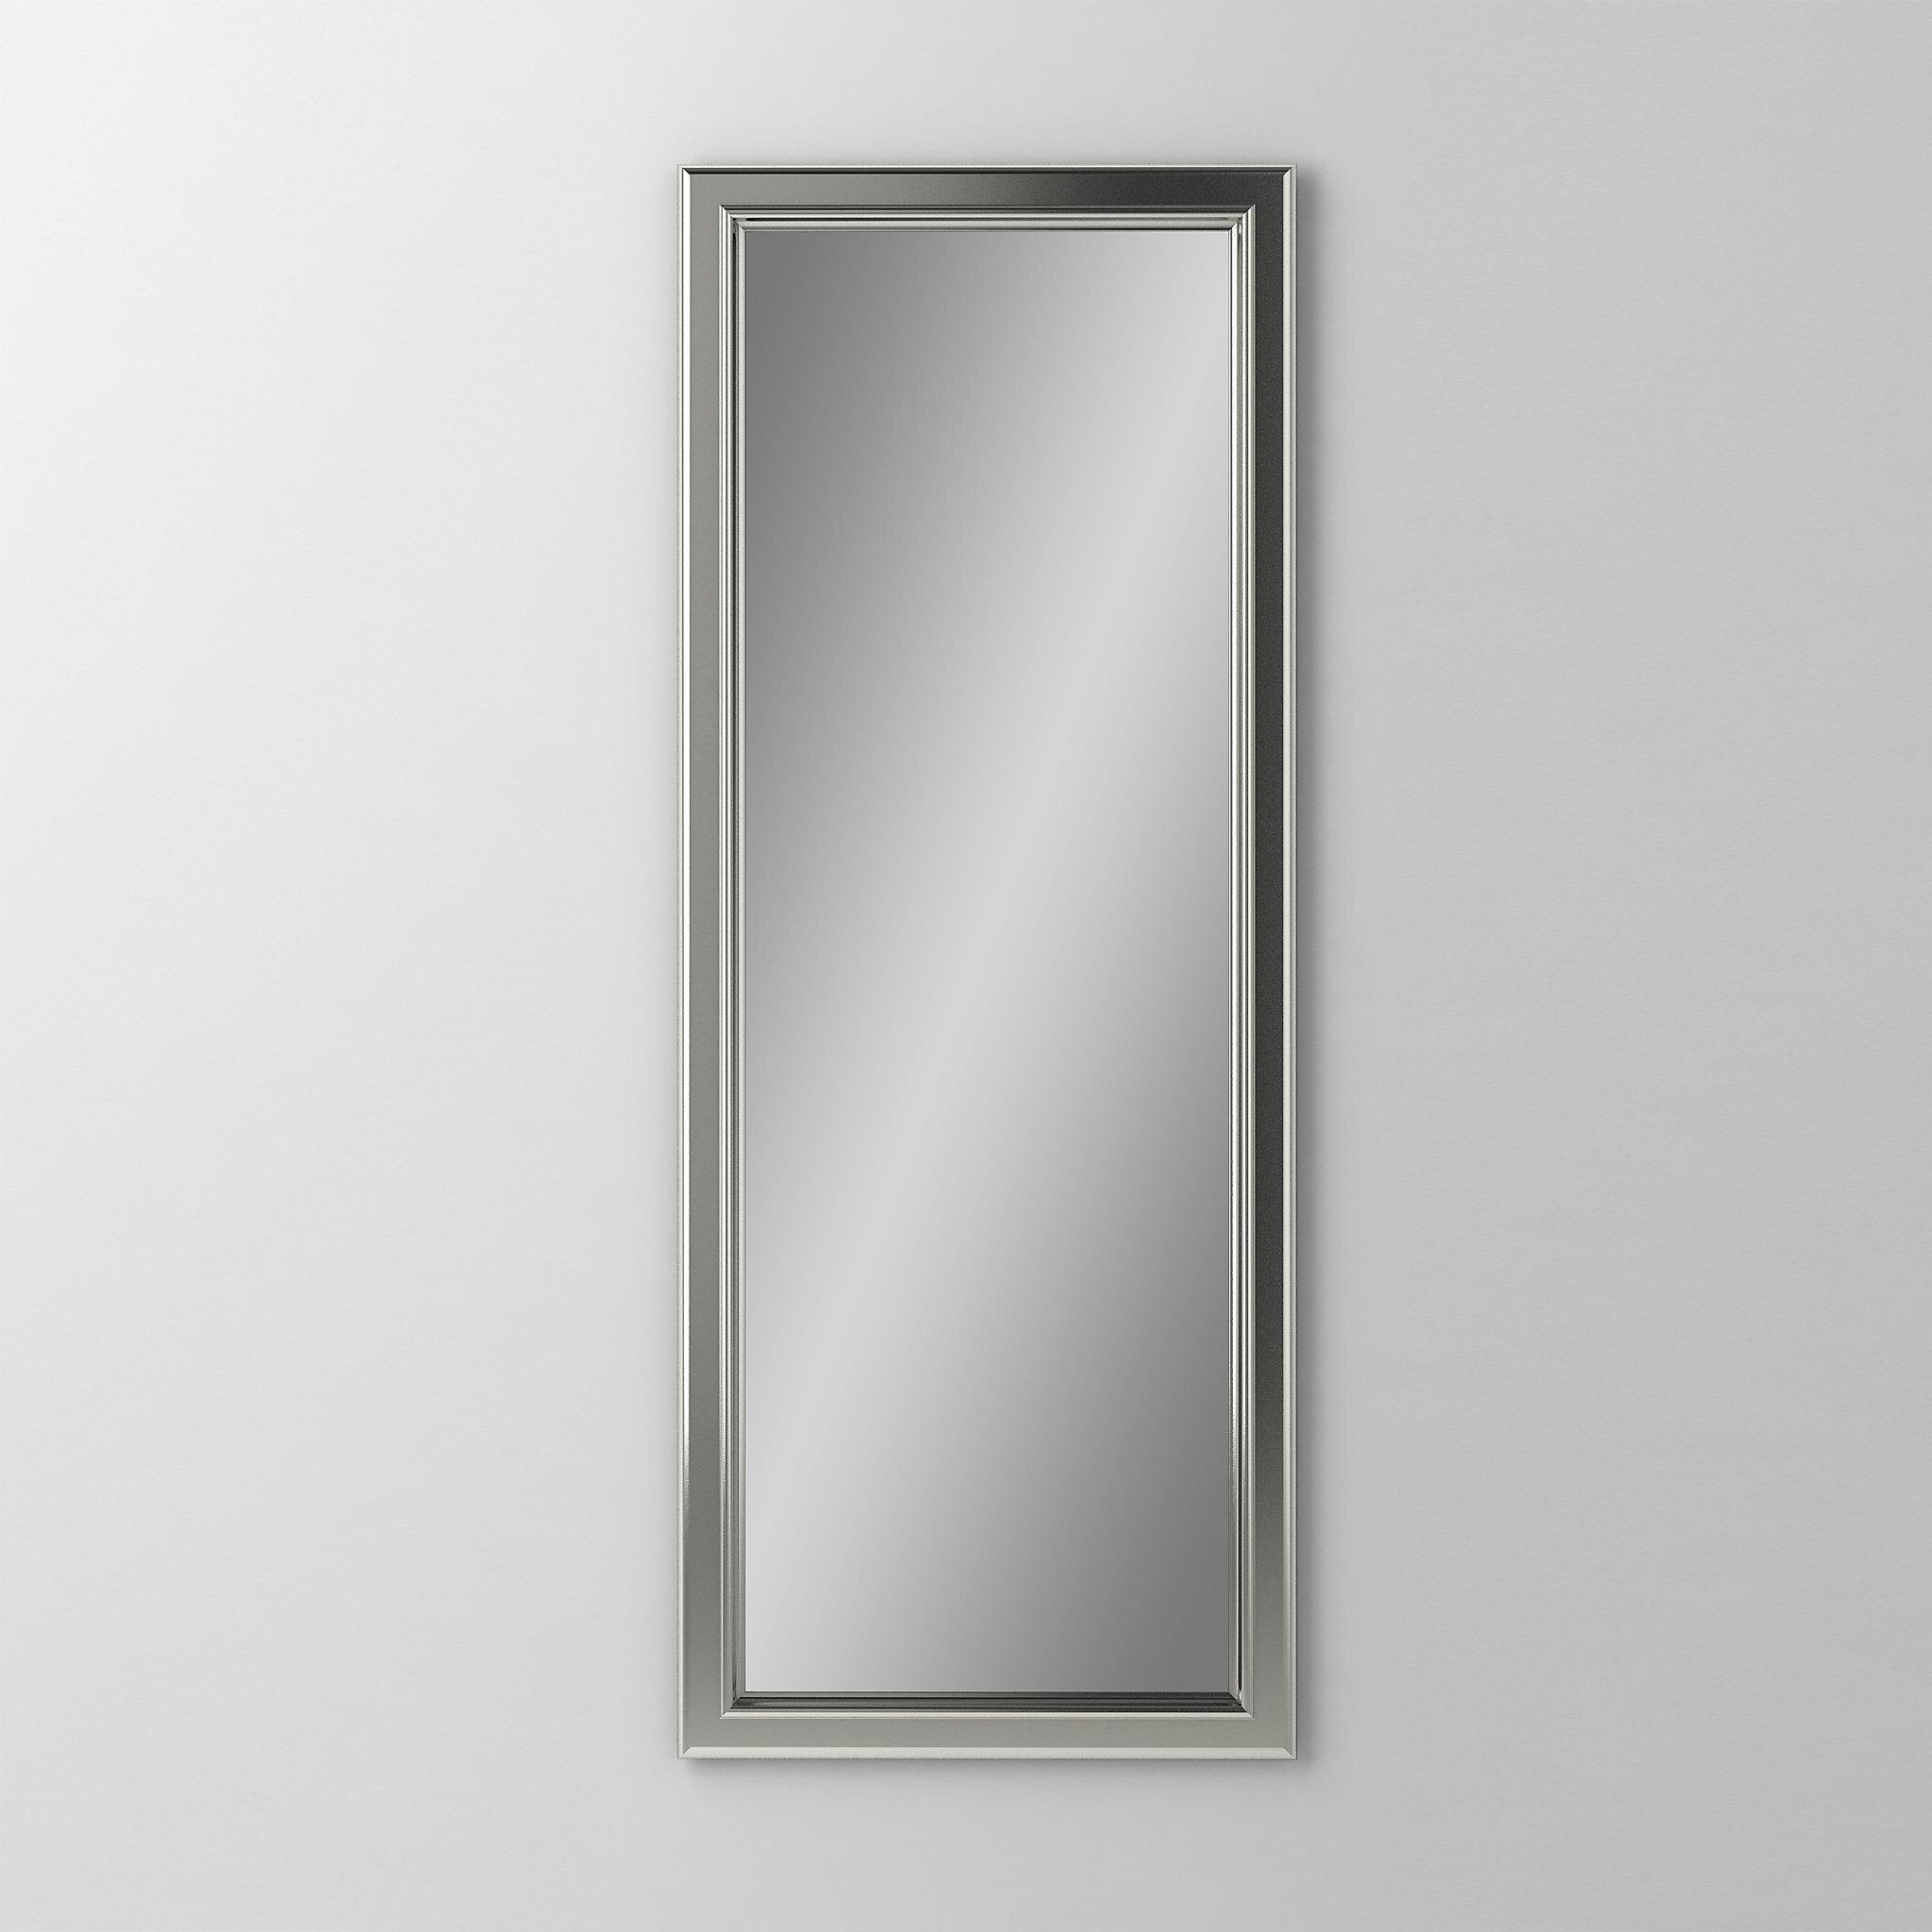 Robern Main Line Bryn Mawr Modern Contemporary Bathroom Vanity Mirror Perigold